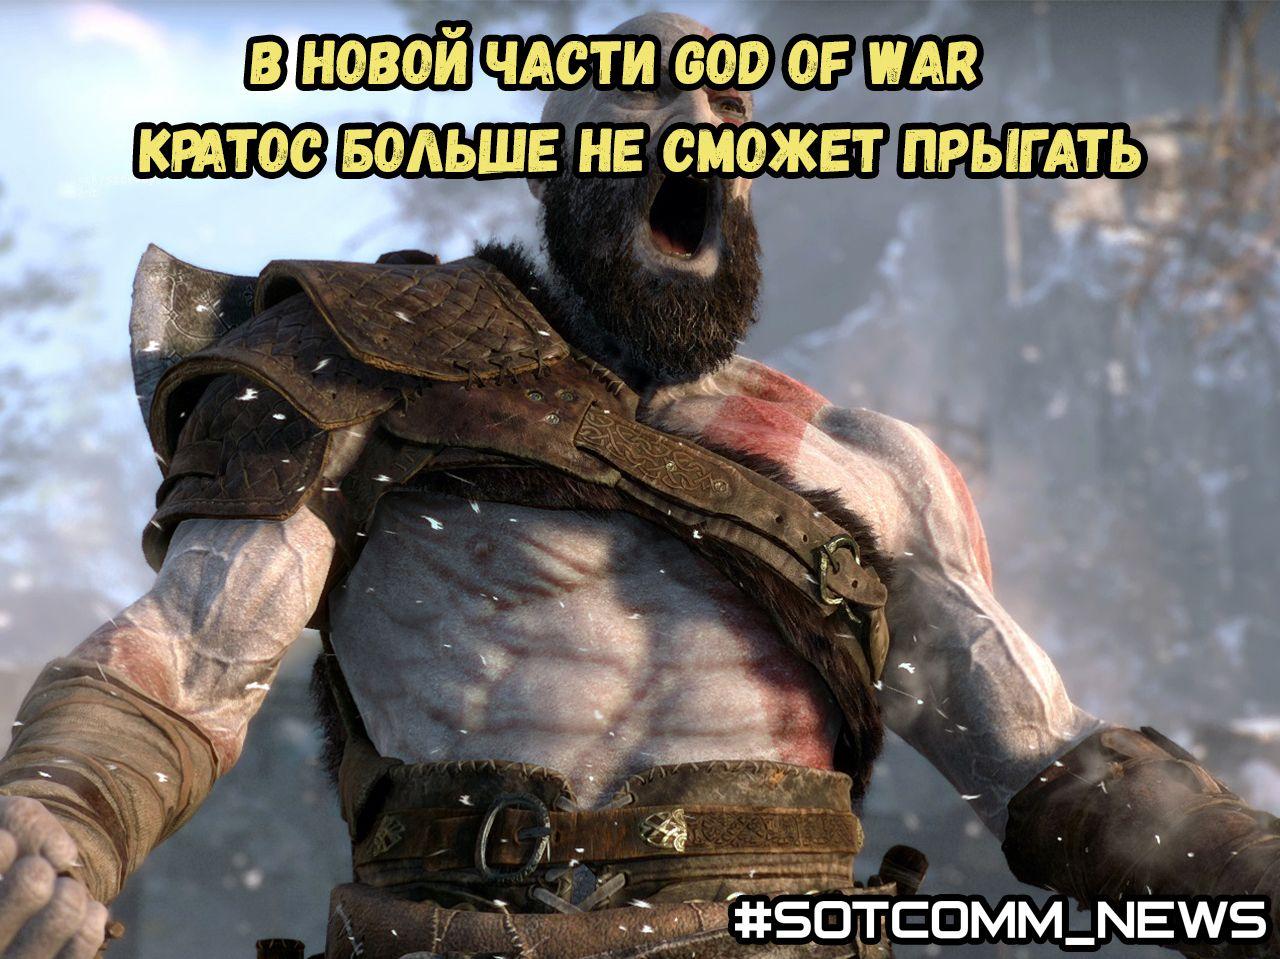 В новой части God of War Кратос больше не сможет прыгать